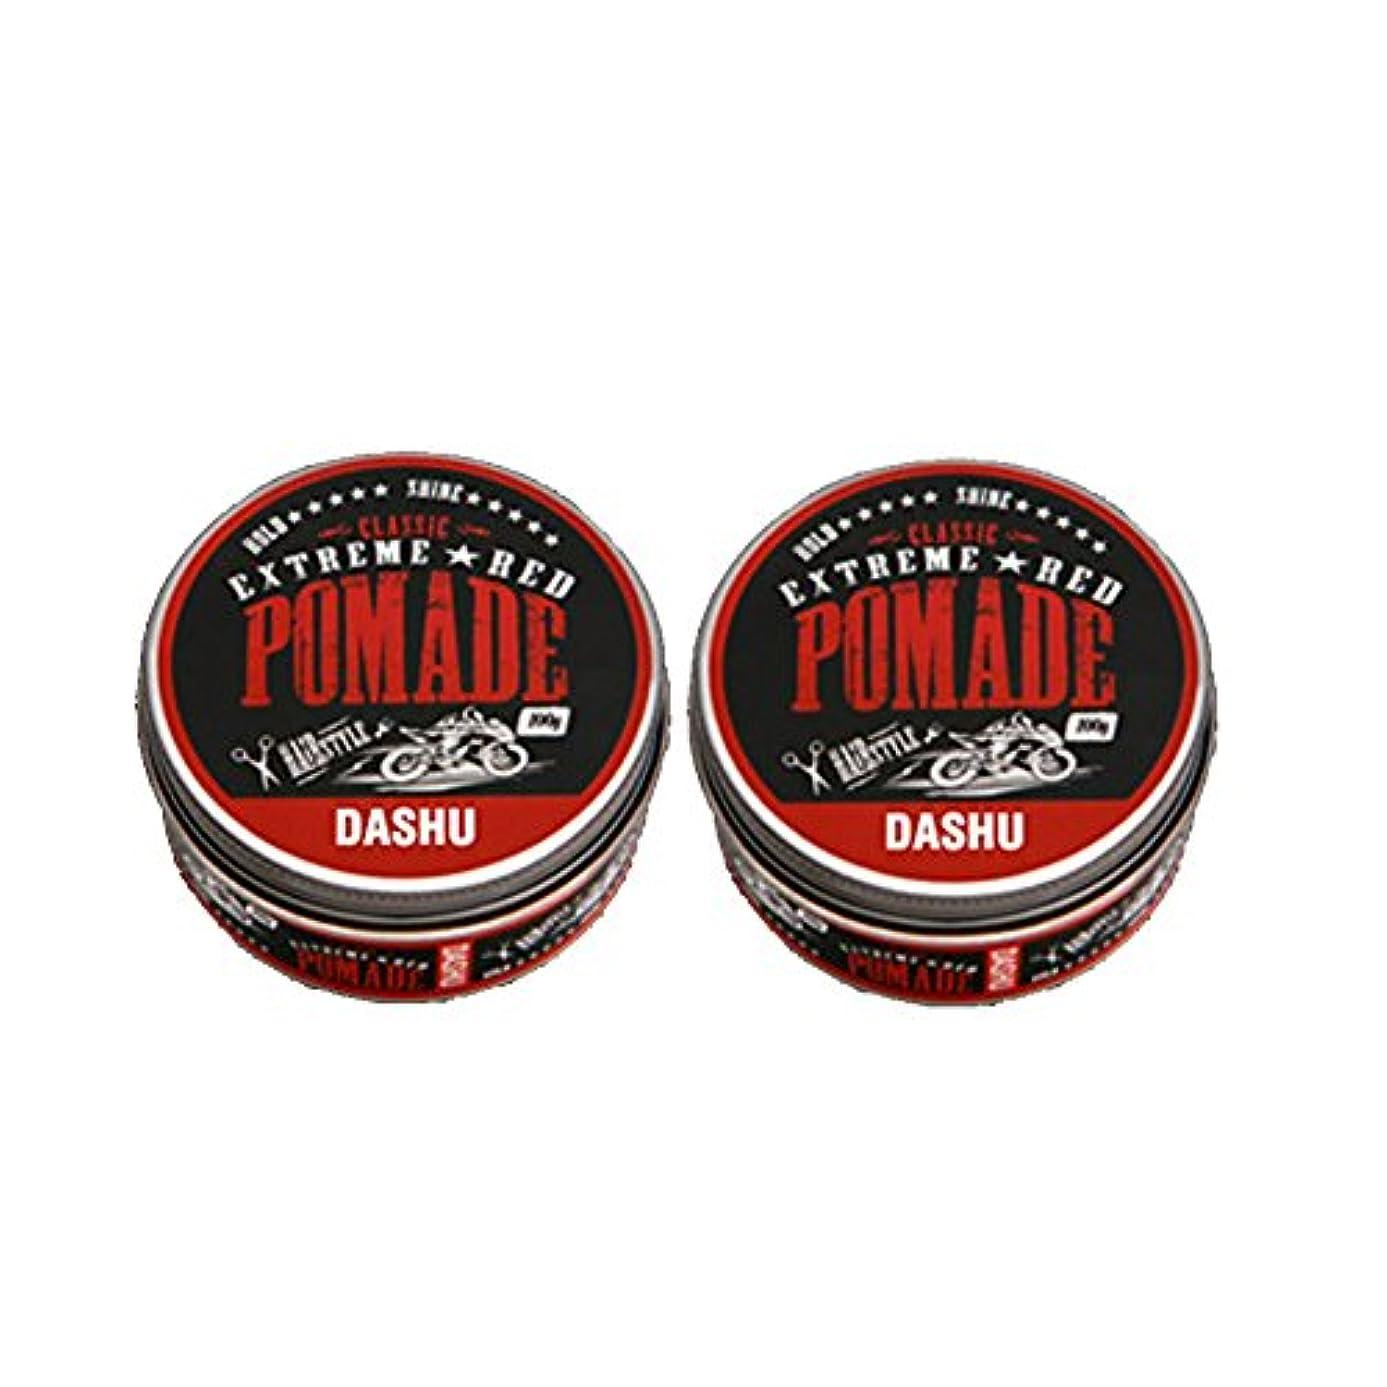 申込み抵抗する操る(2個セット) x [DASHU] ダシュ クラシックエクストリームレッドポマード Classic Extreme Red Pomade Hair Wax 100ml / 韓国製 . 韓国直送品